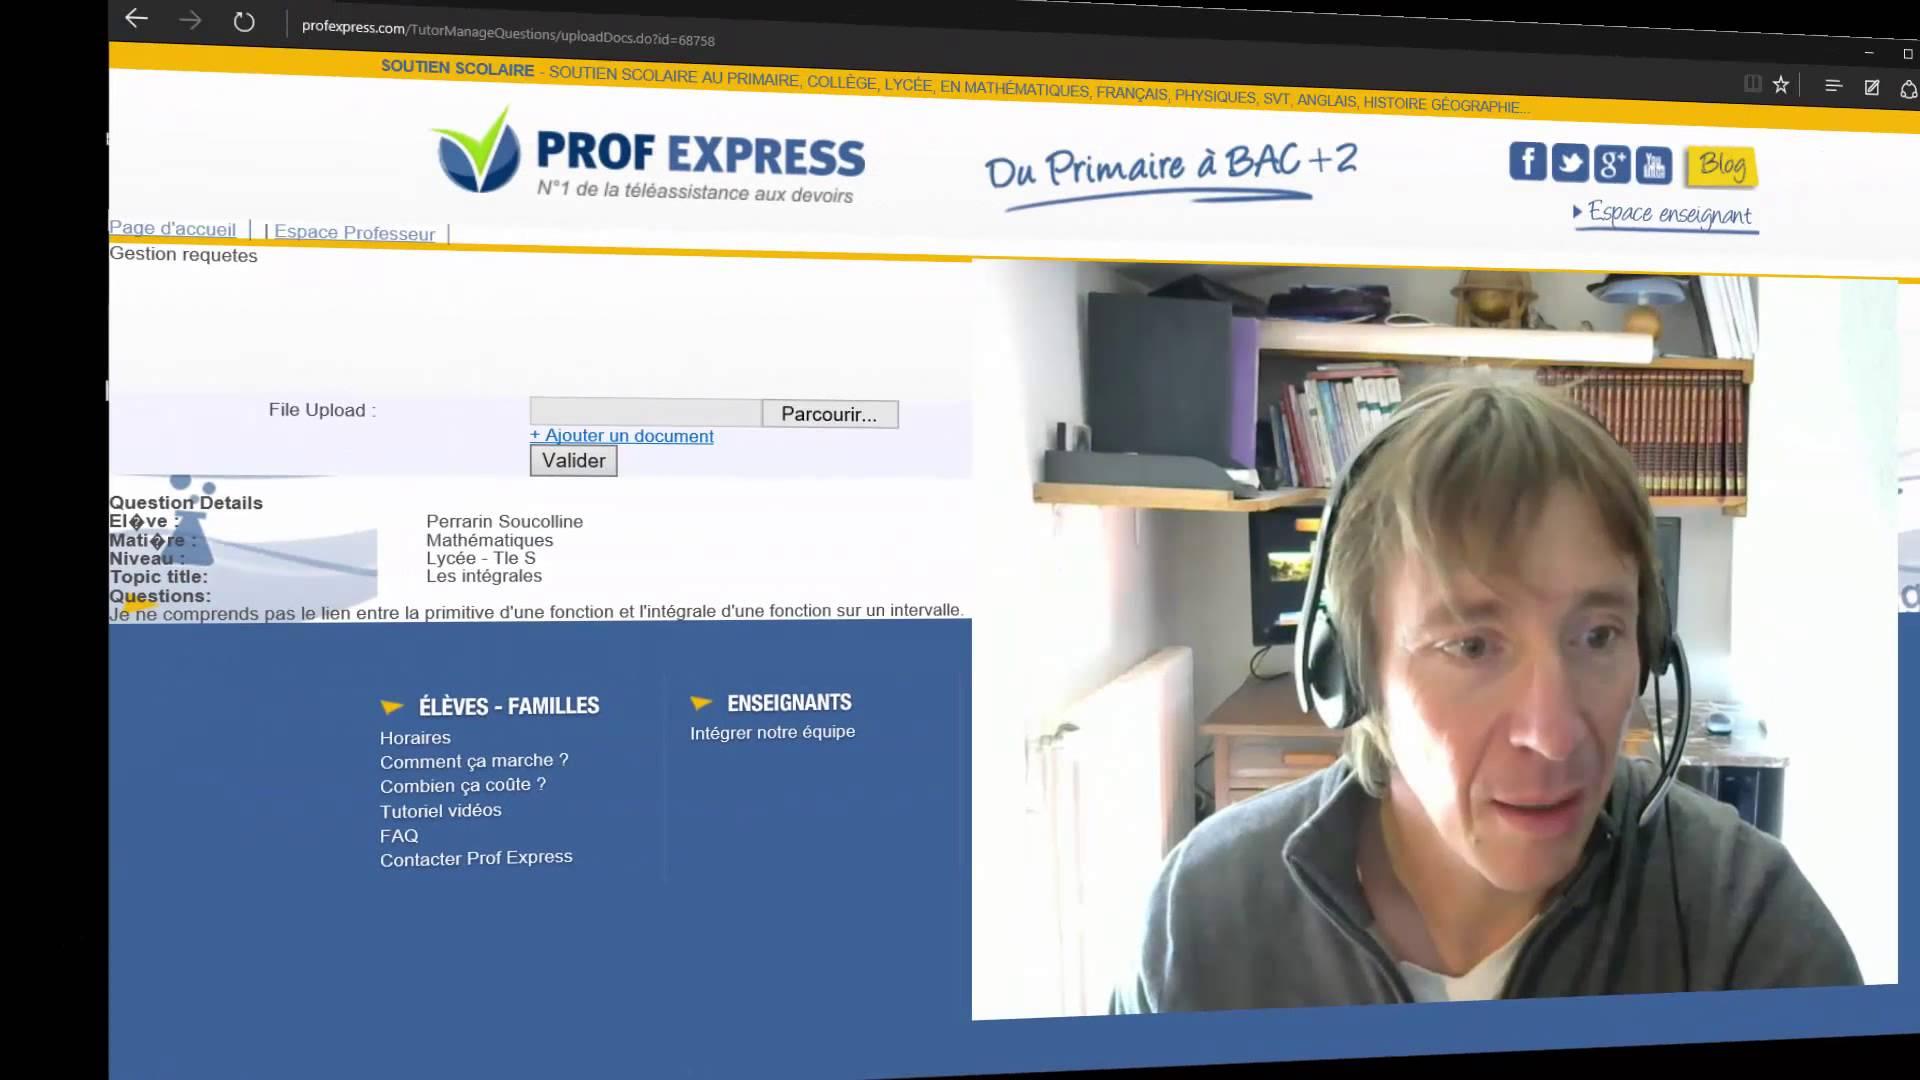 Prof Express: du nouveau à la rentrée!